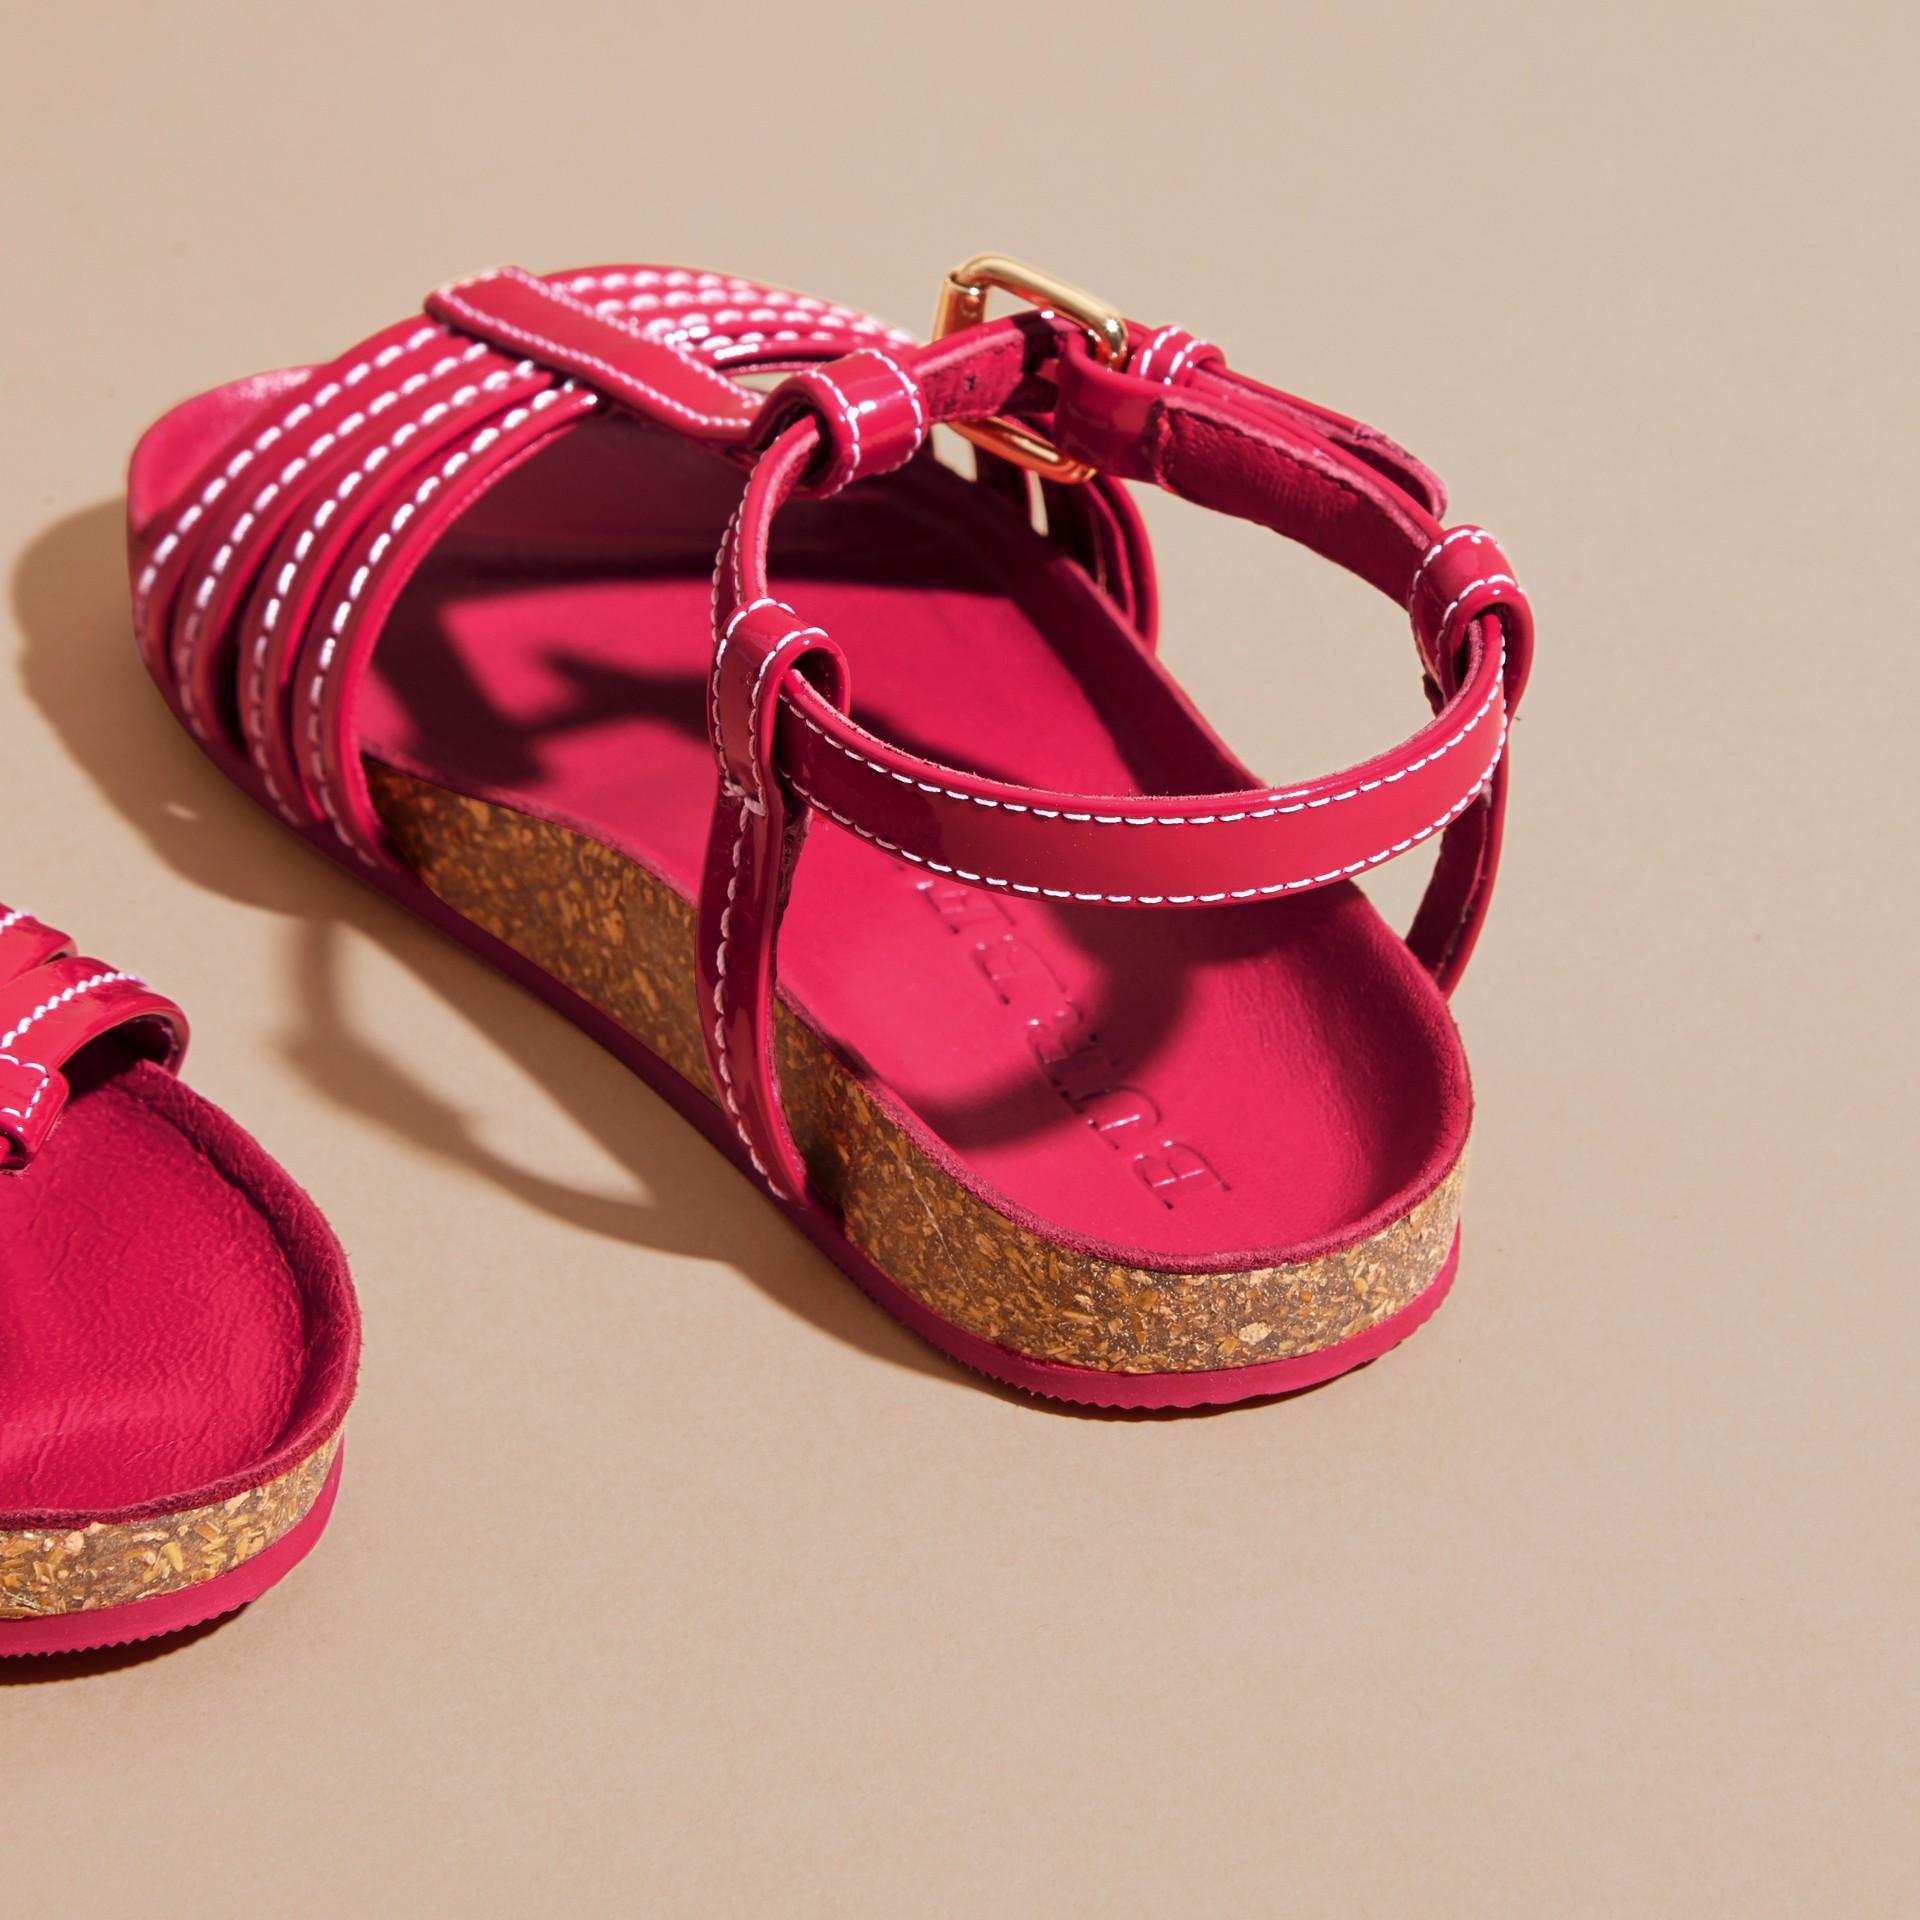 Sandales en cuir verni avec plateforme en liège | Burberry - photo de la galerie 4